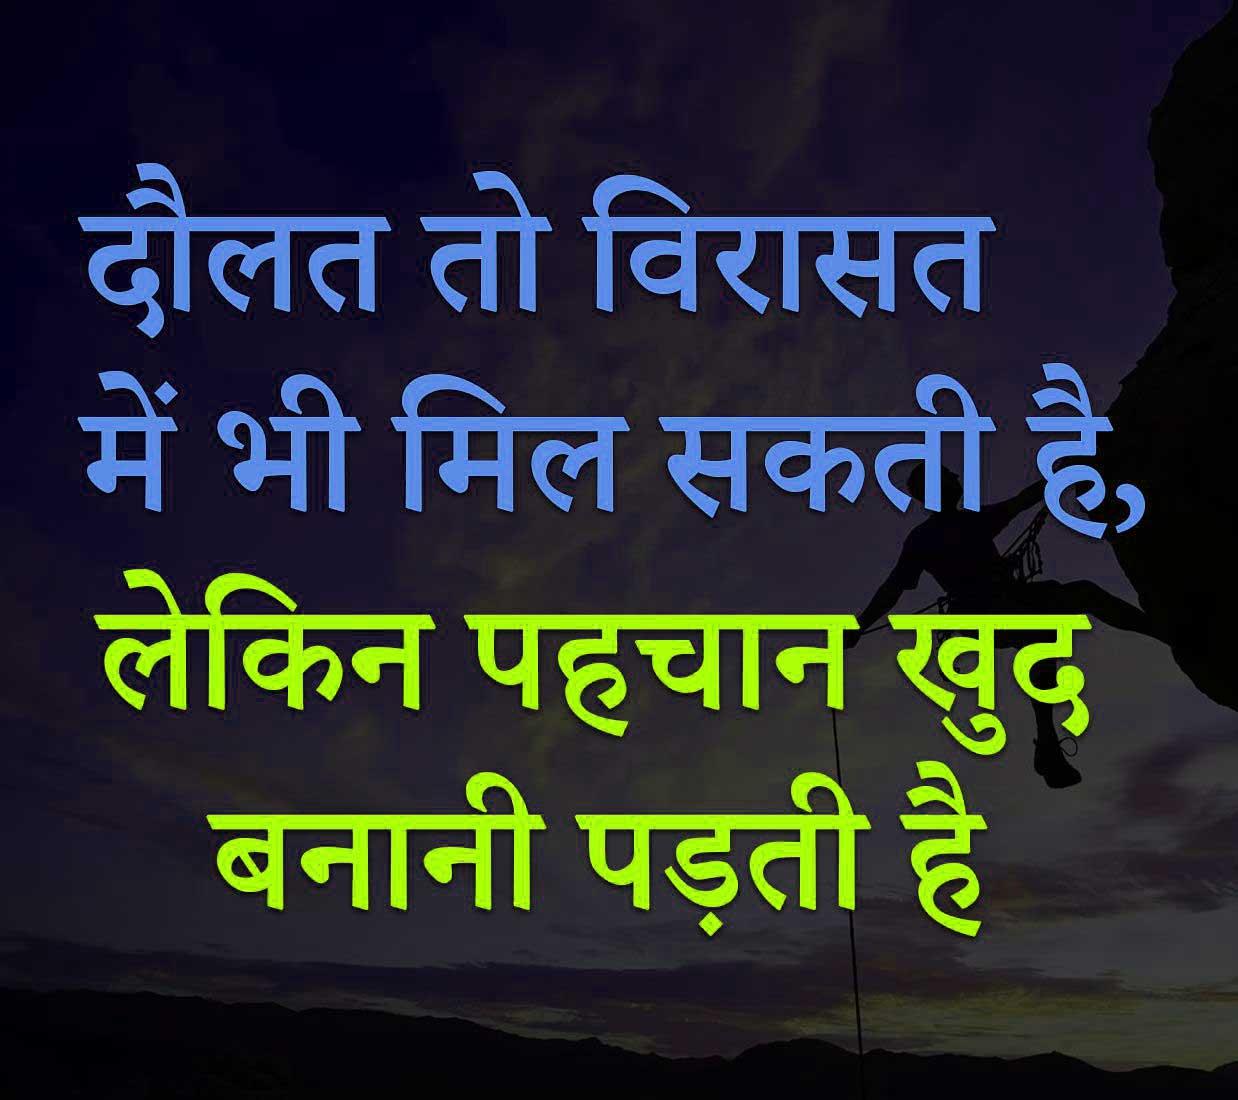 New Hindi Whatsapp Status Wallpaper